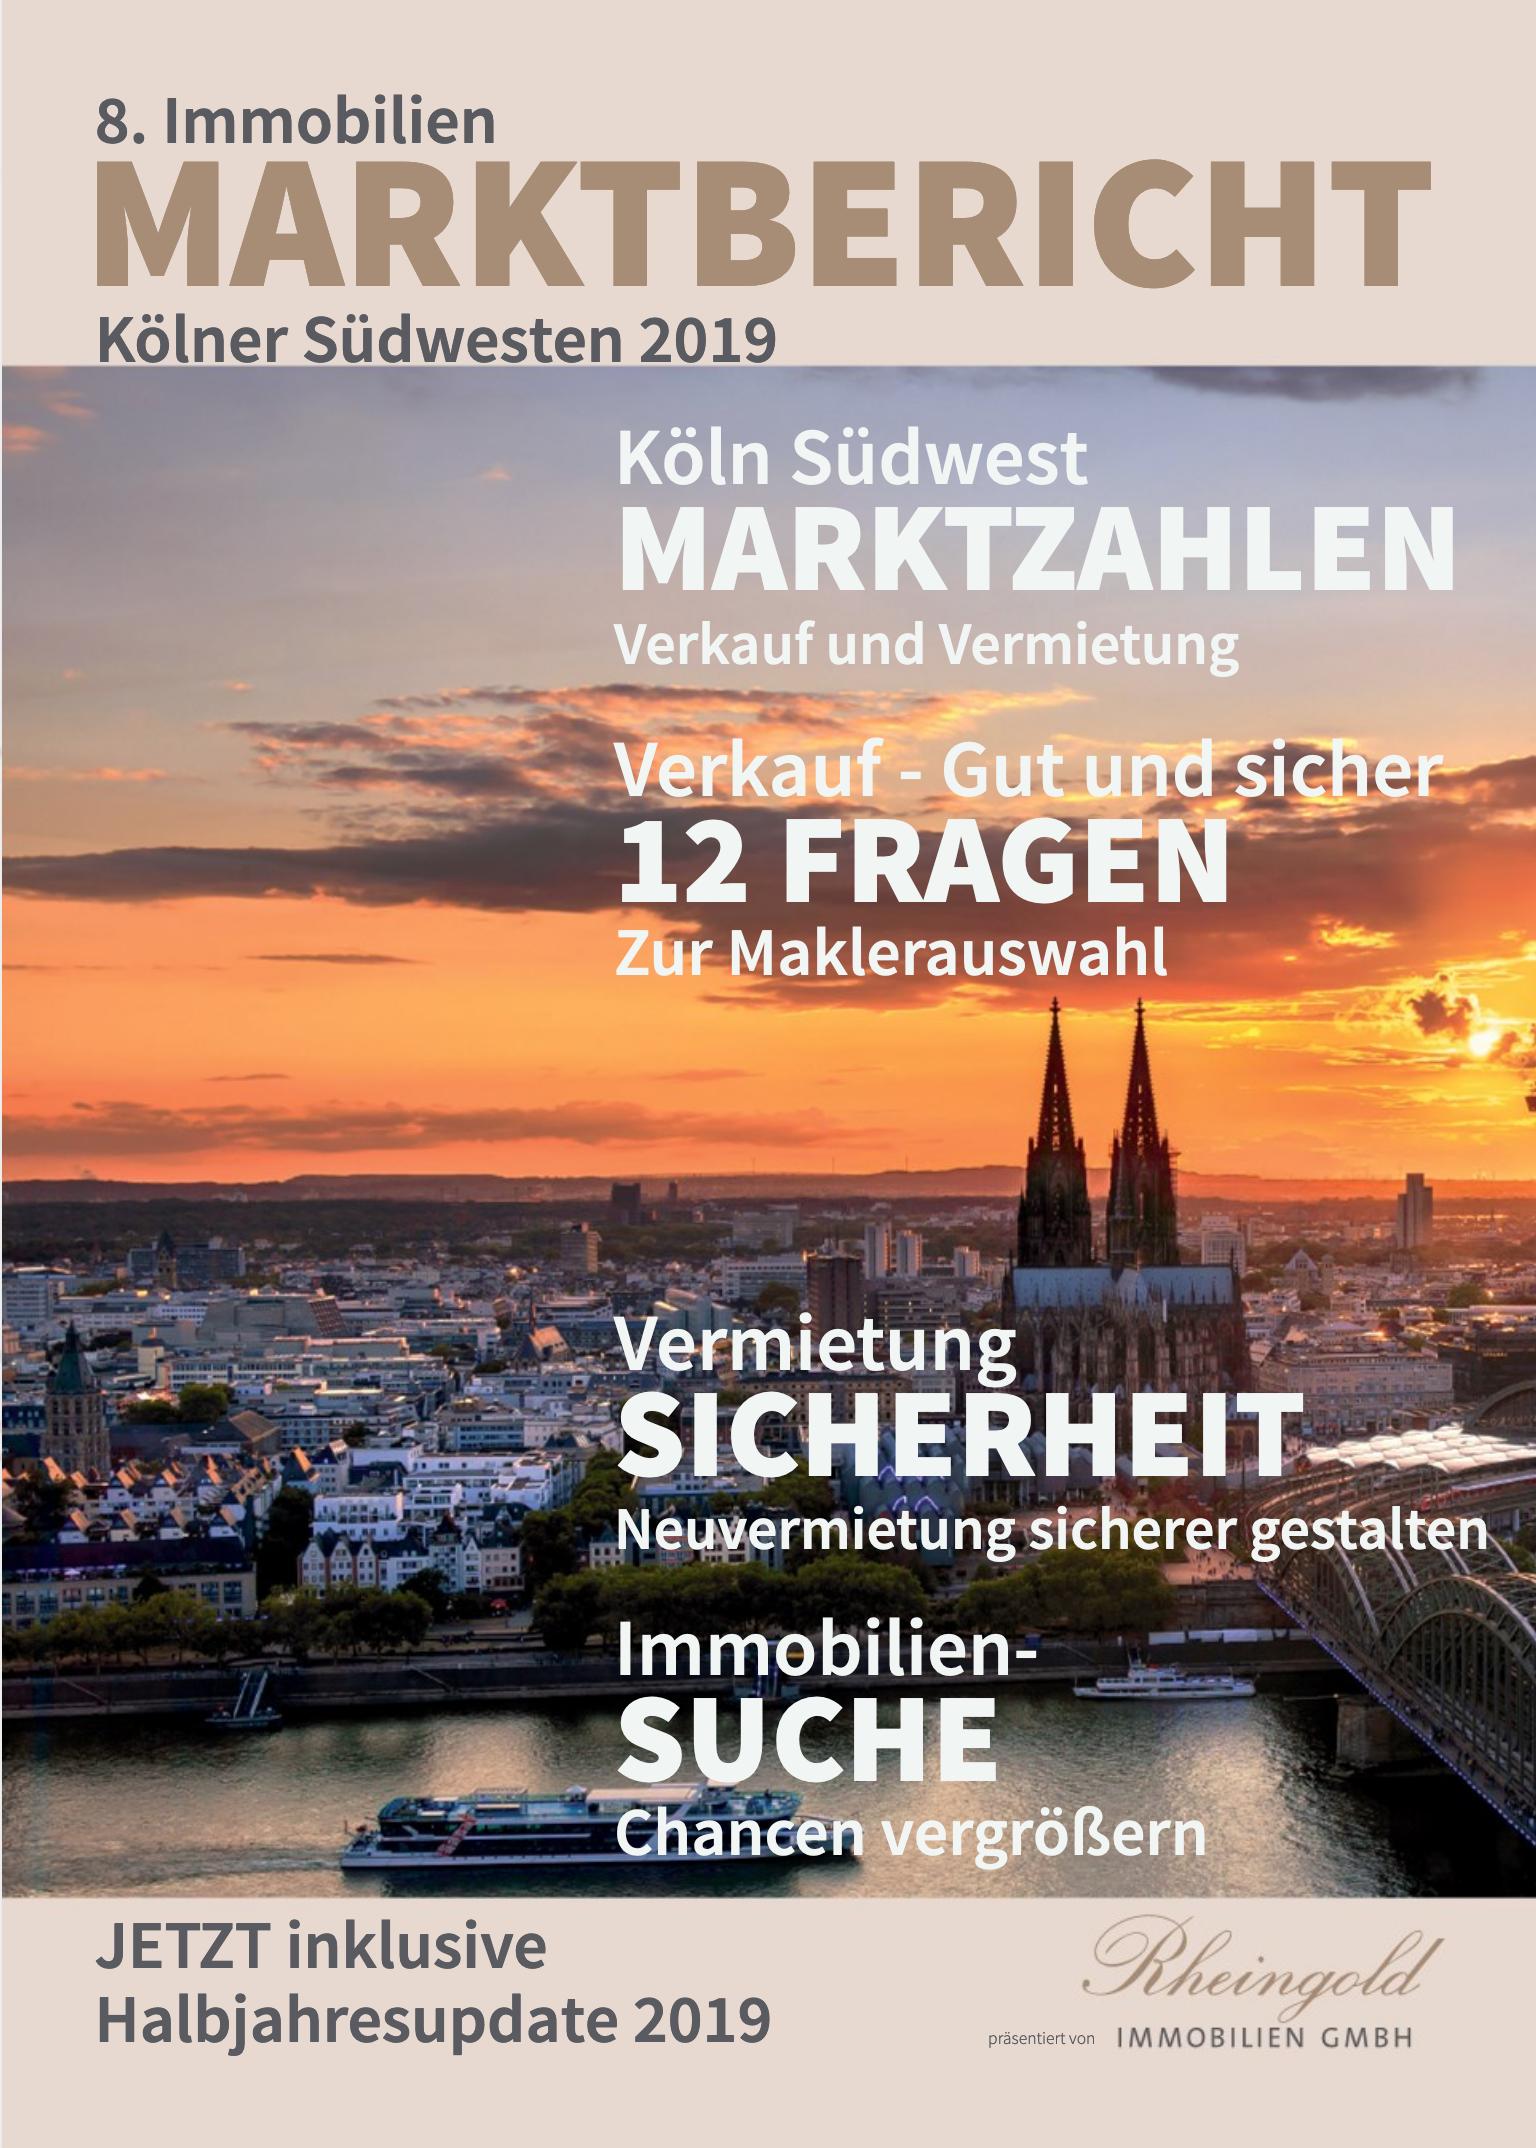 Marktbericht 2019 HJ